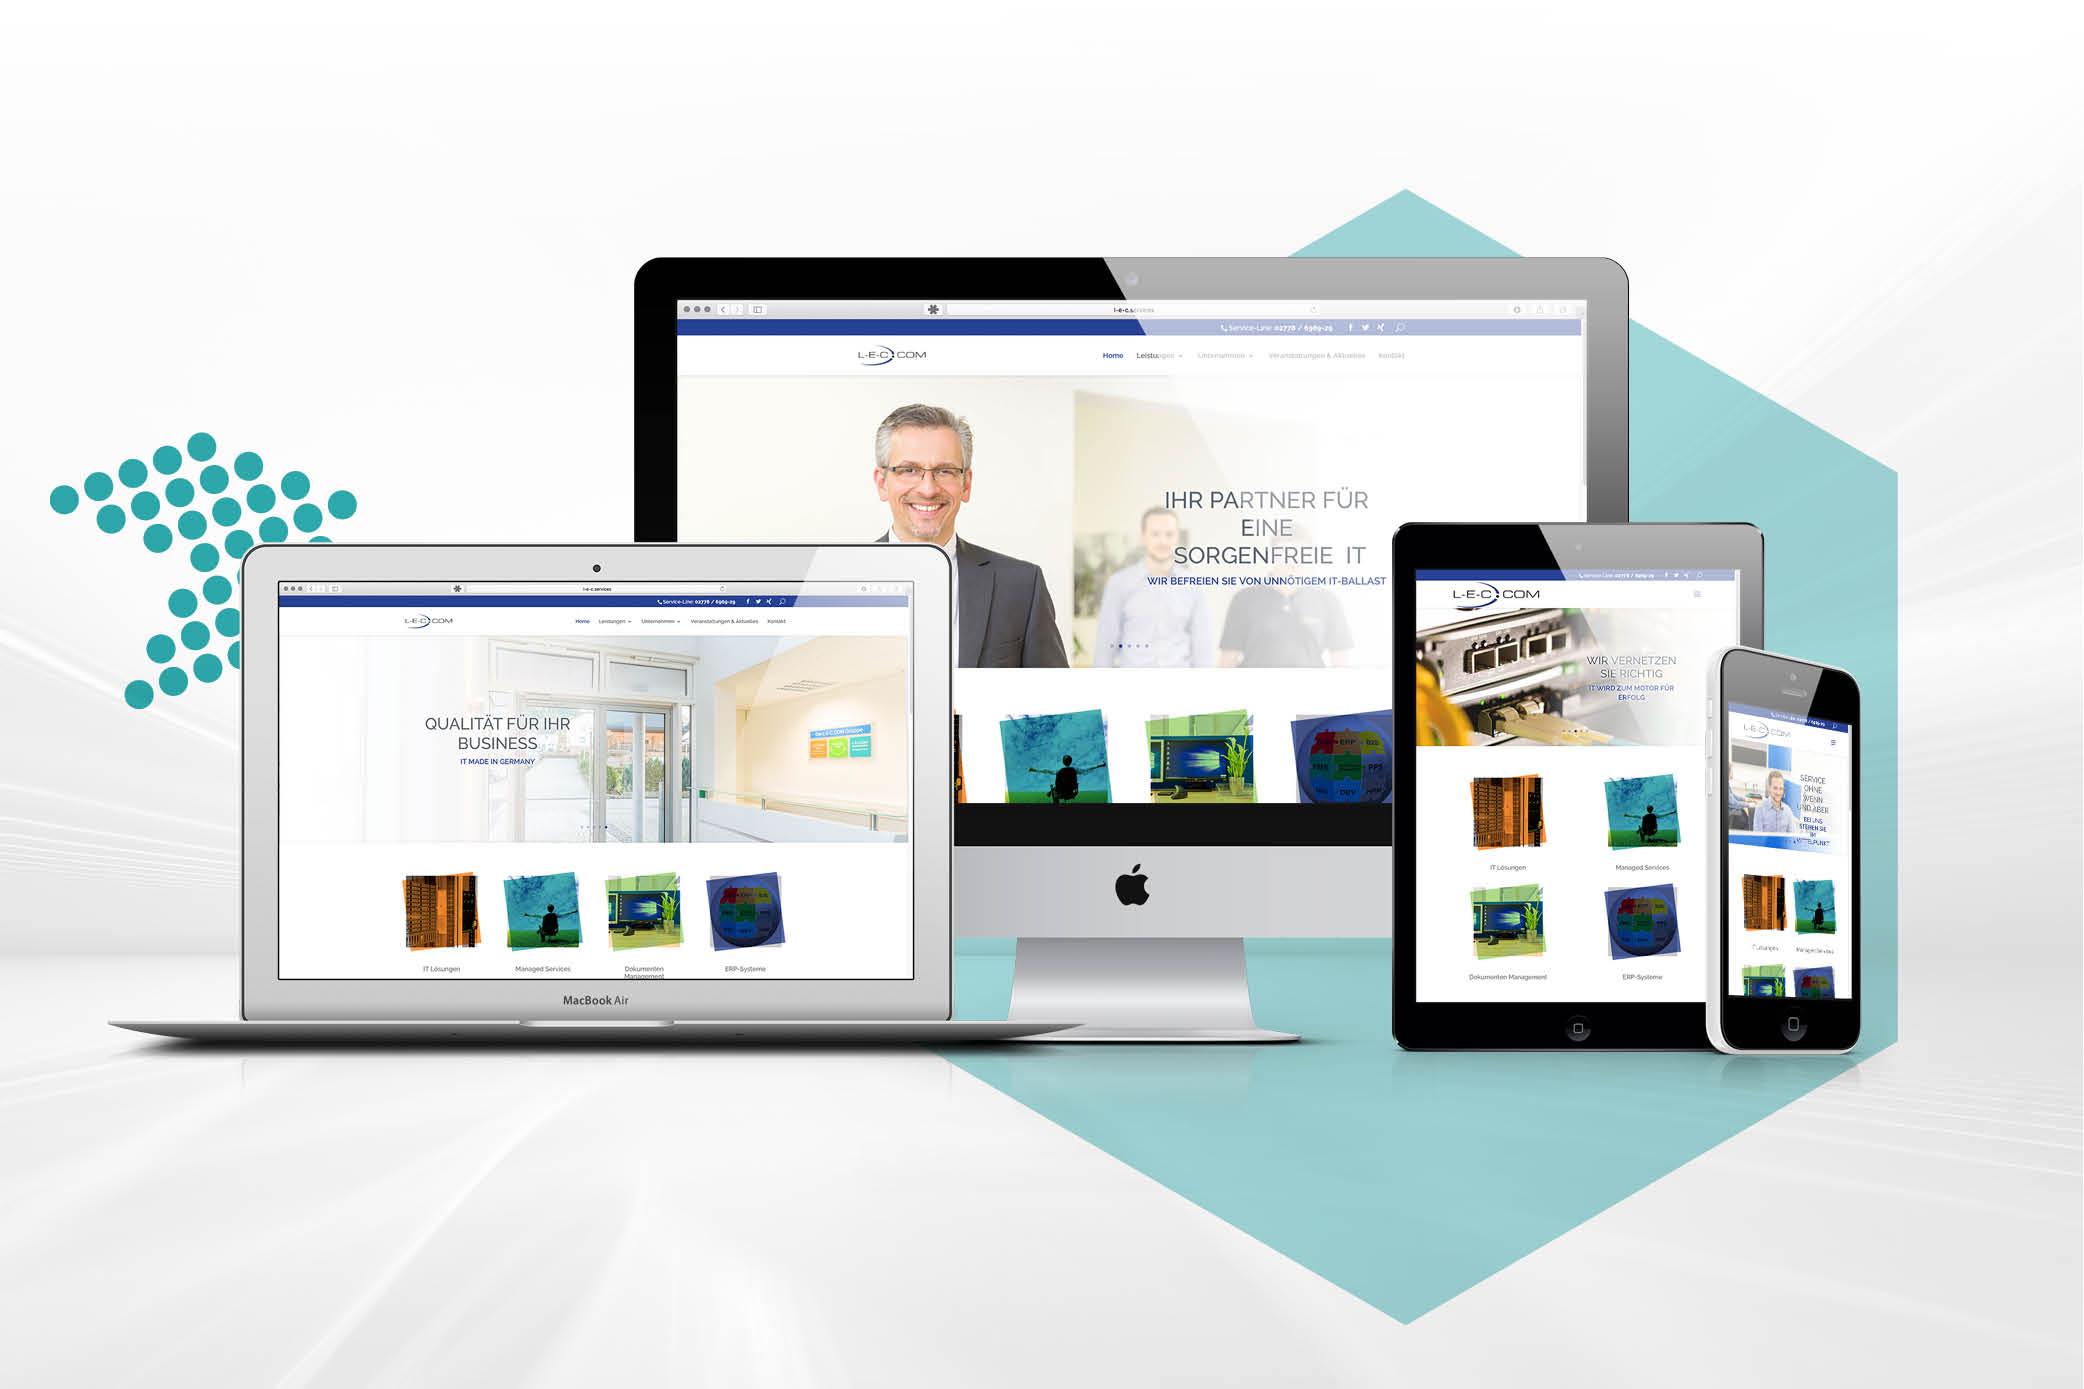 L-E-C.COM Website